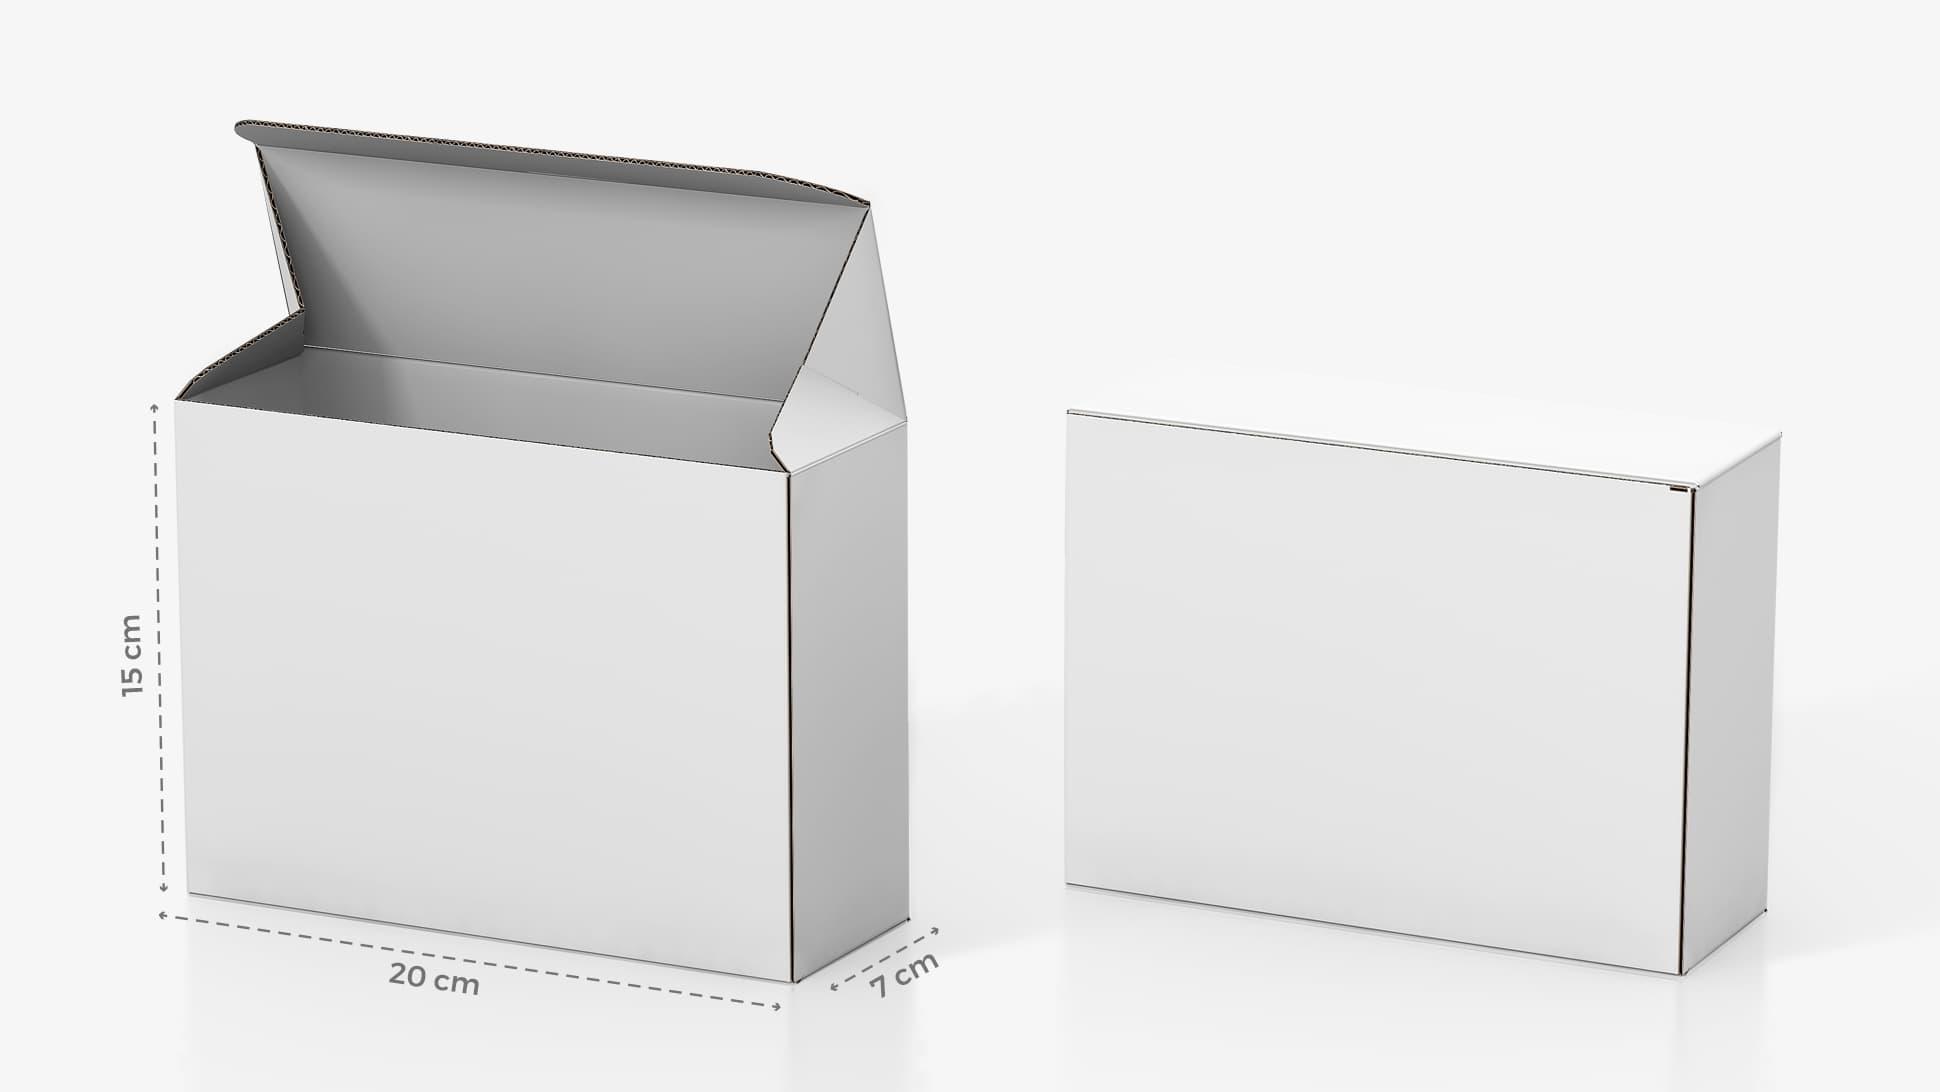 Scatola in cartone 20x15 cm personalizzabile | tictac.it